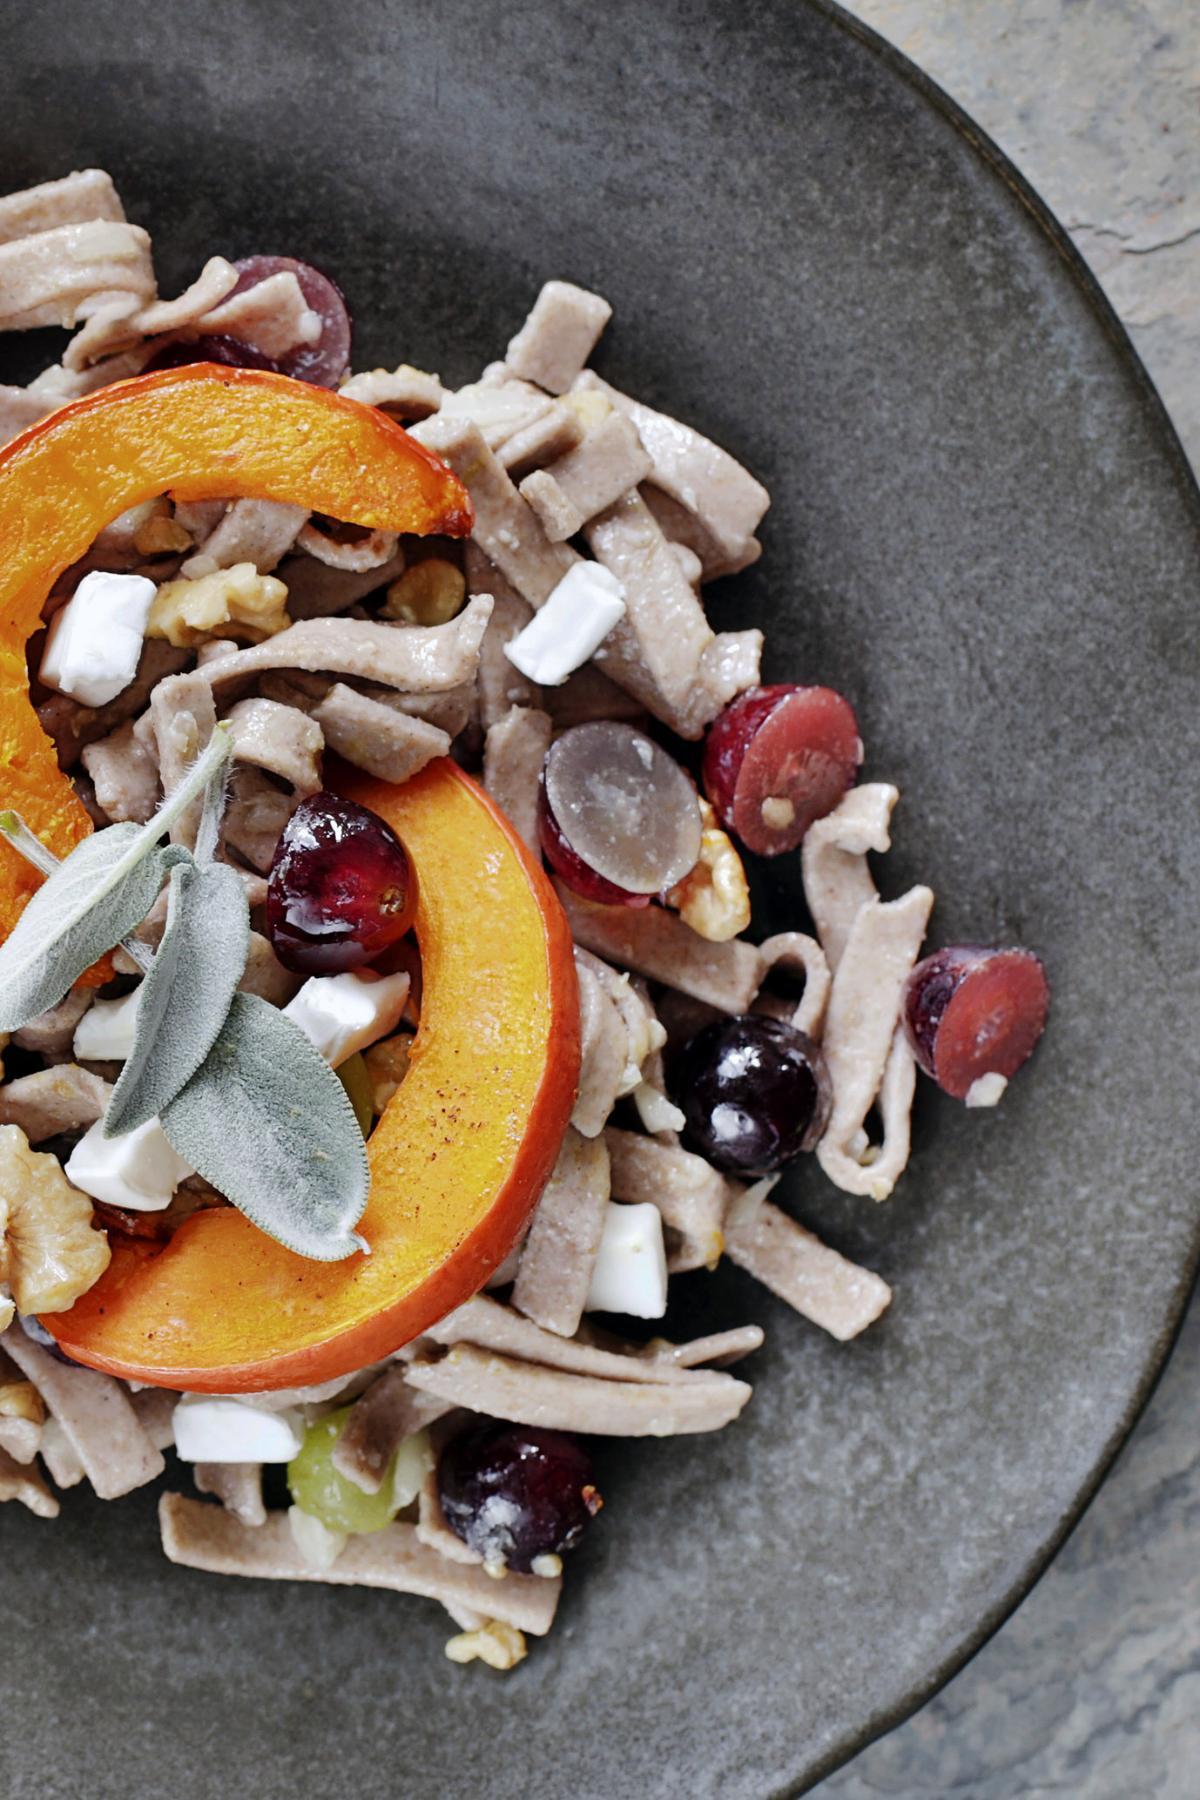 Rezept: Pizzoccheri mit Kürbis und Trauben | NZZ Bellevue